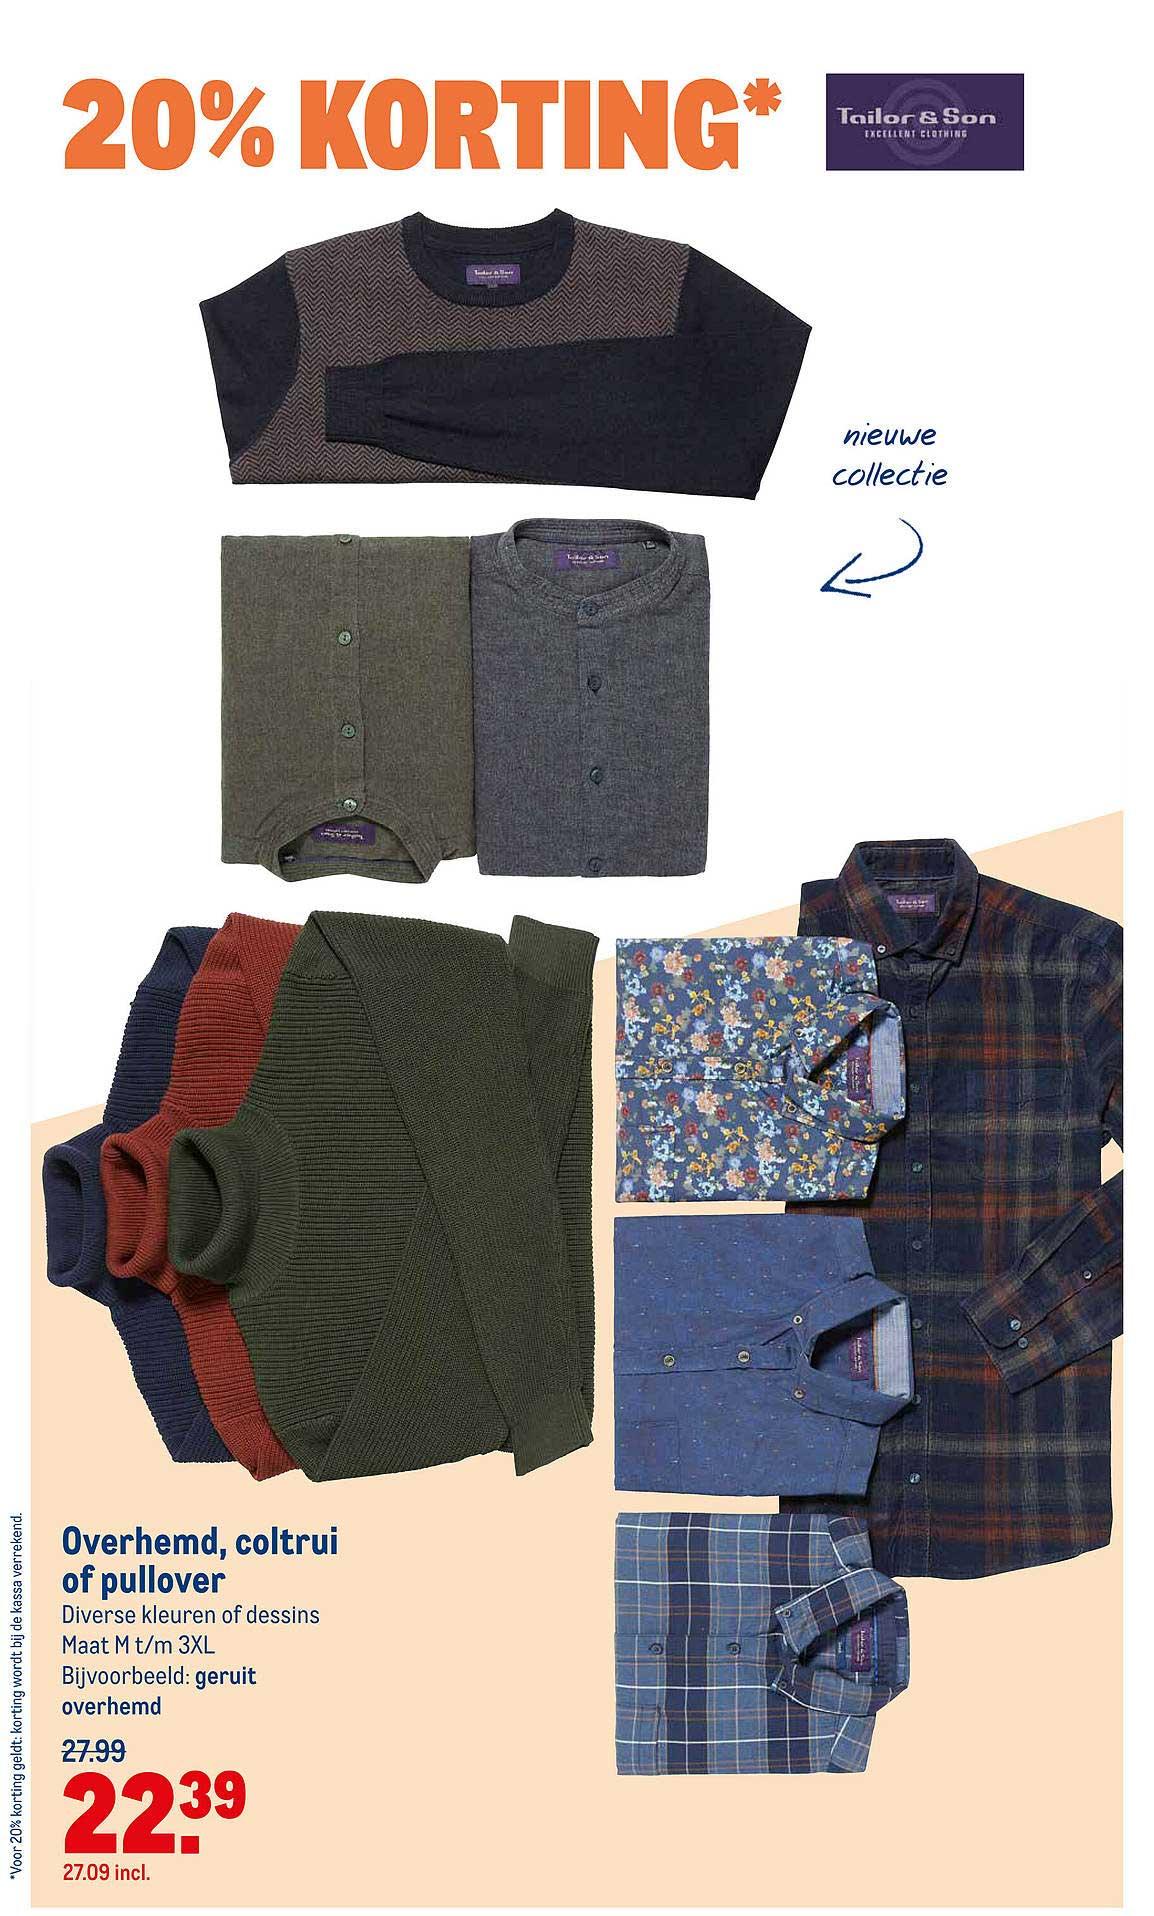 Makro Overhemd, Coltrui Of Pullover 20% Korting